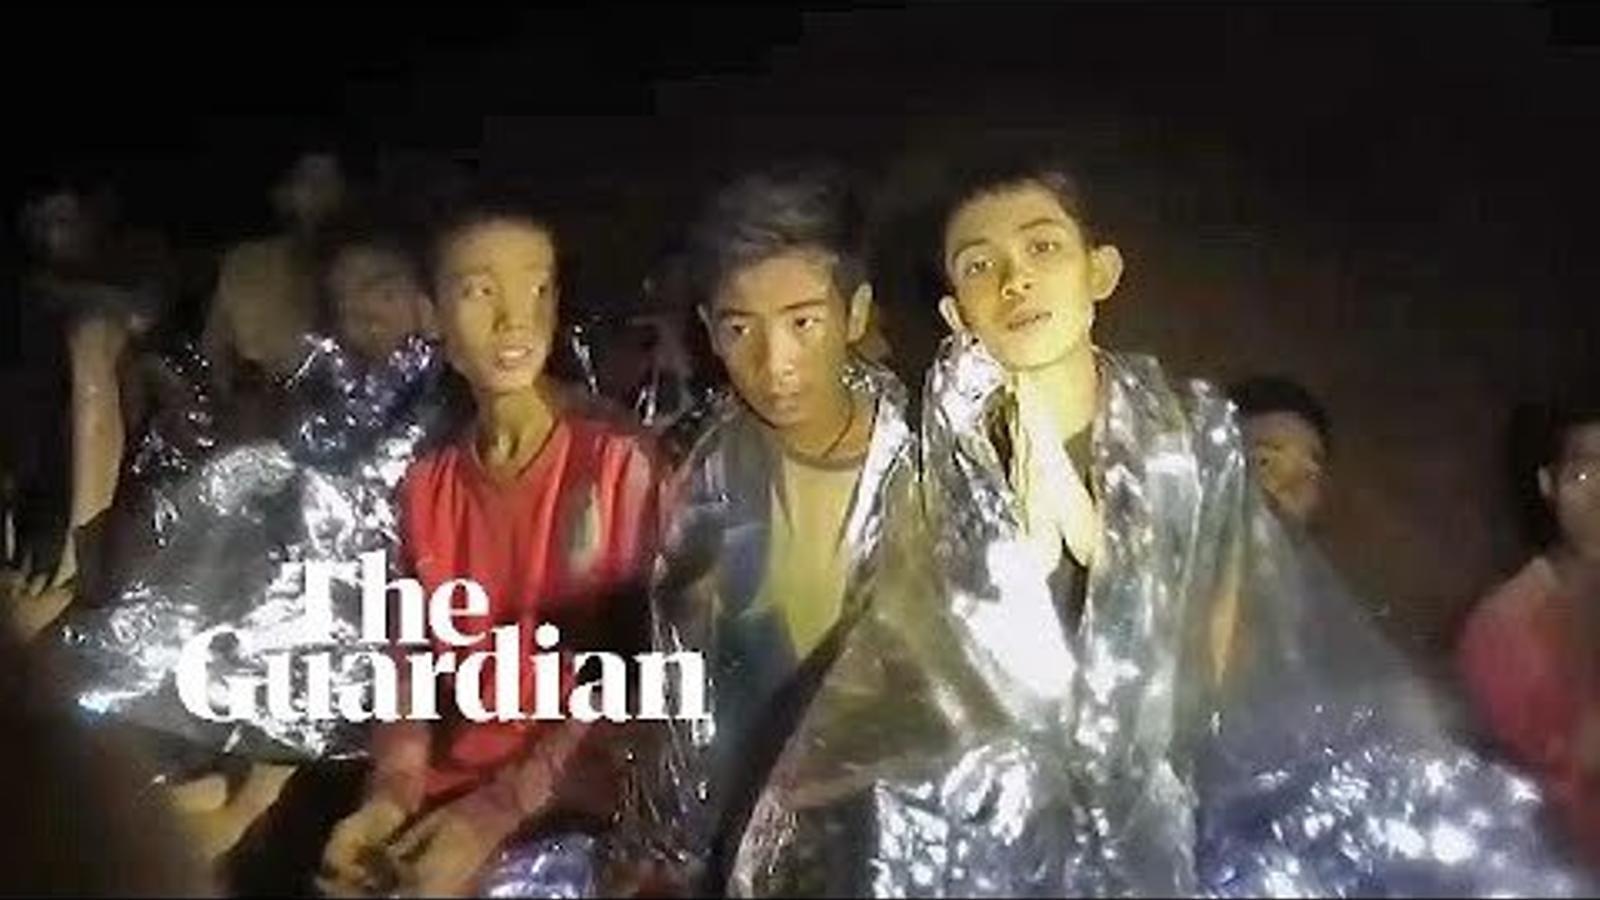 Vídeo dels nens tailandesos atrapats dins d'una cova a Tailàndia, esperant a ser rescatats, editat per 'The Guardian'